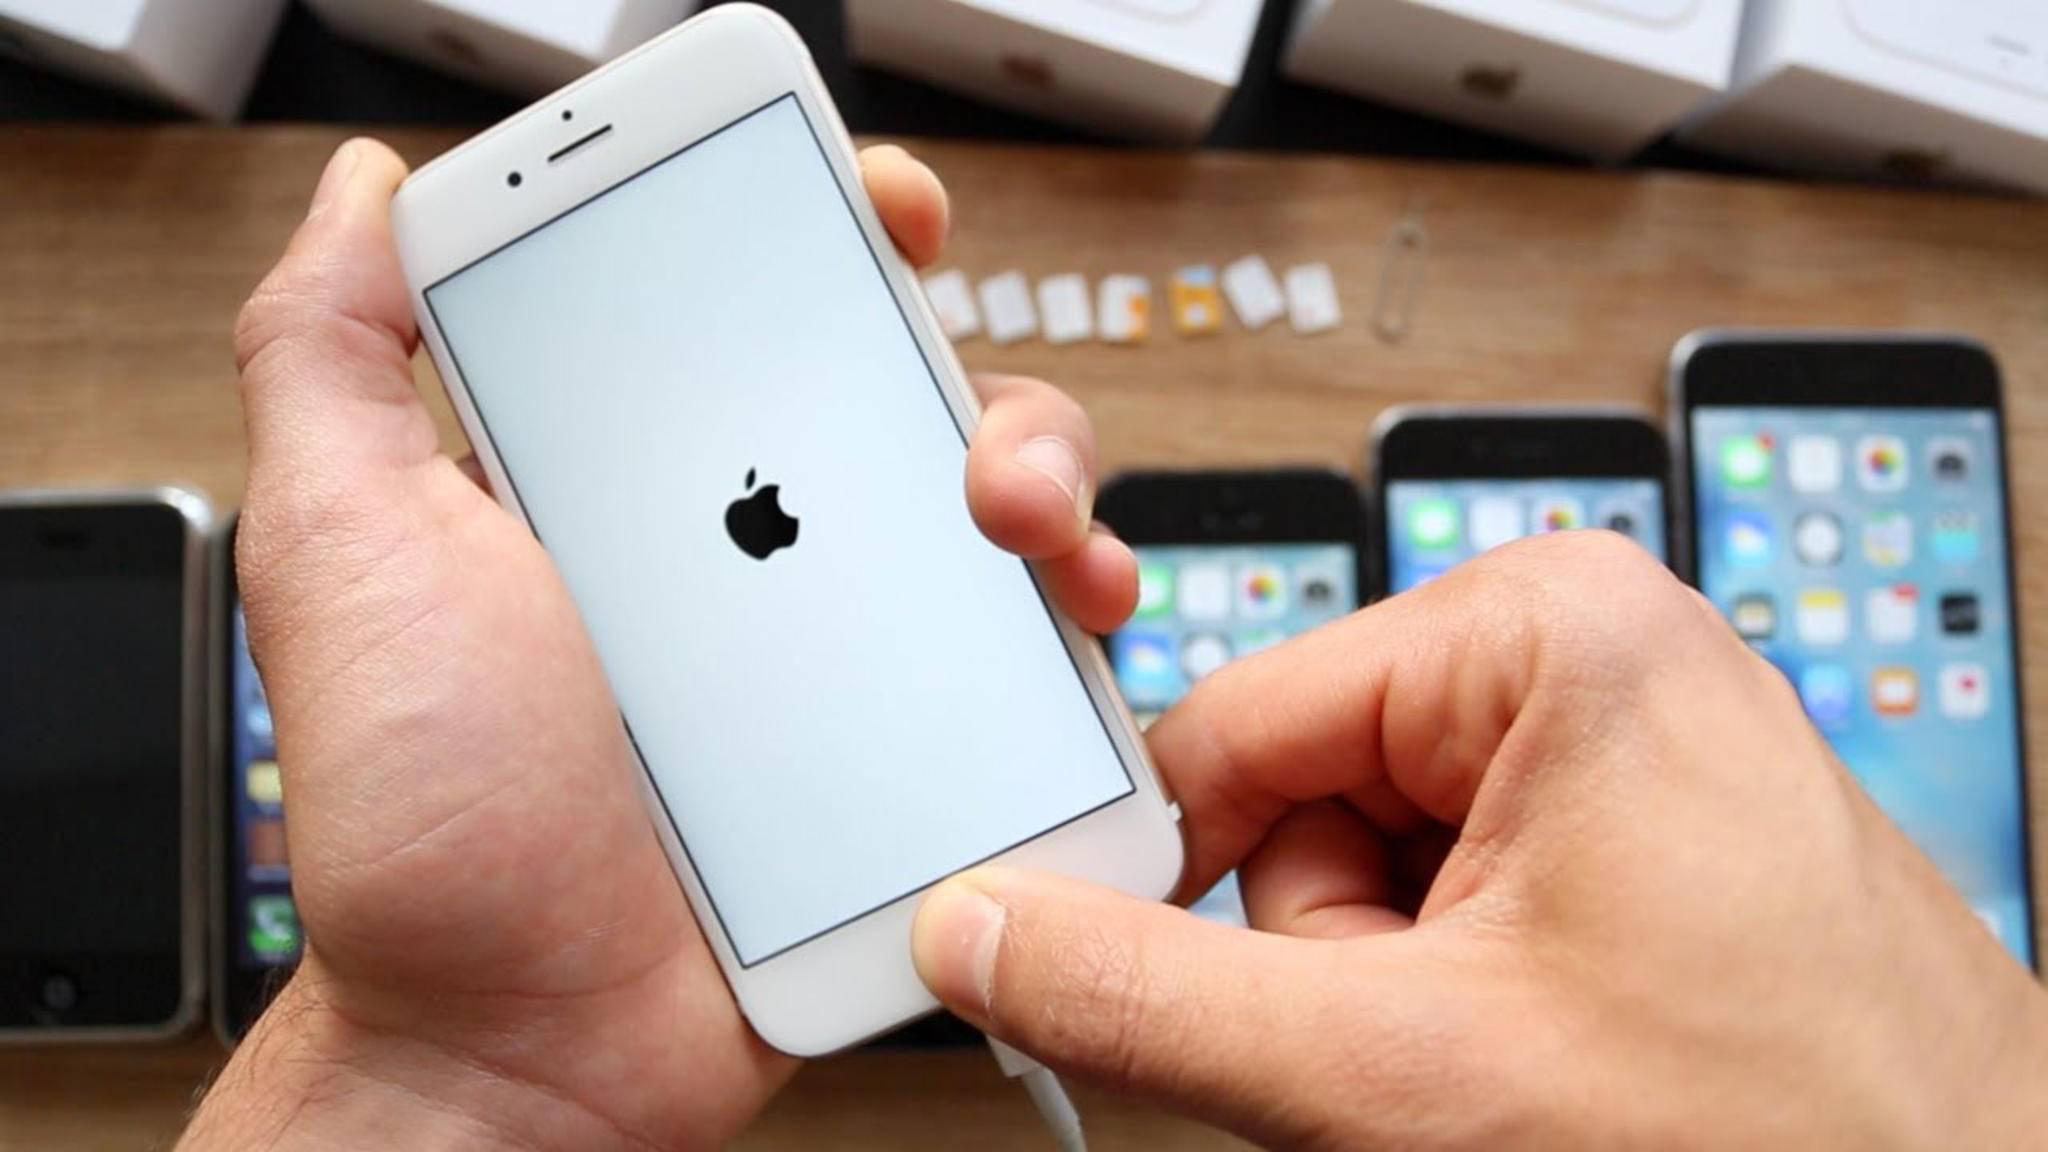 Auf Deinem iPhone wird nur das Apple-Logo angezeigt? Das kannst Du dagegen tun.